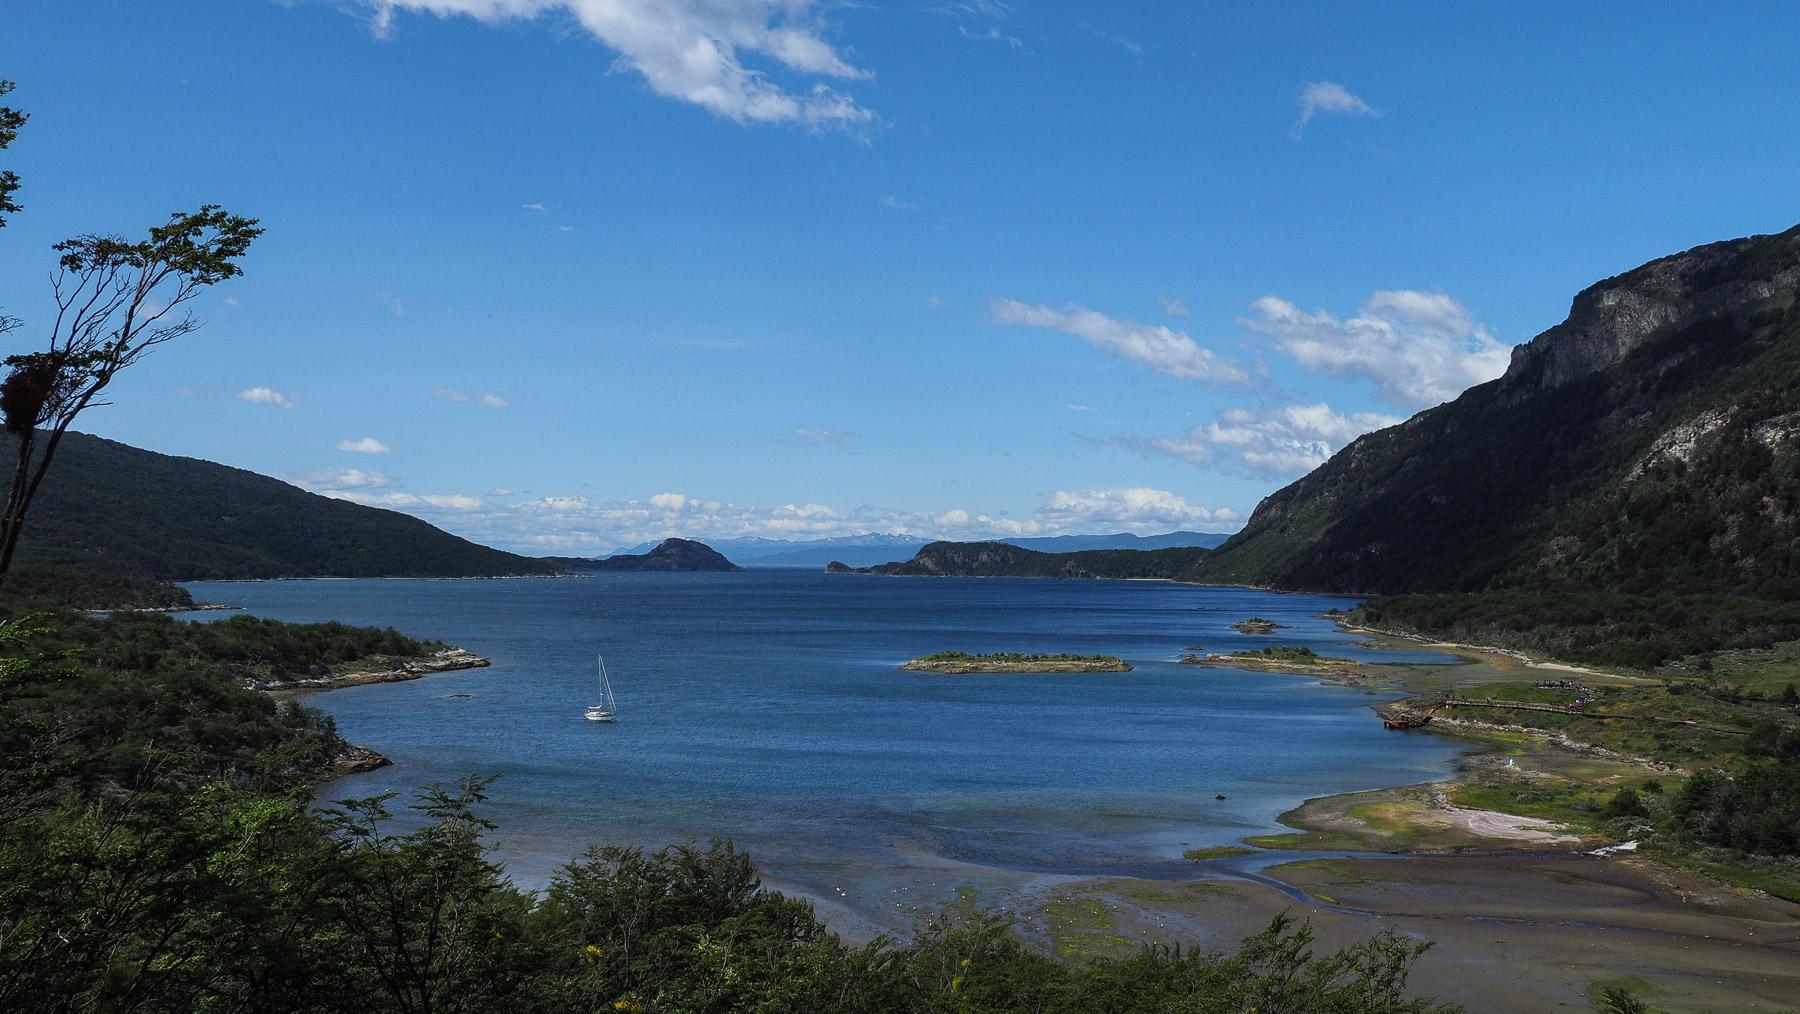 ... und schöne Landschaft